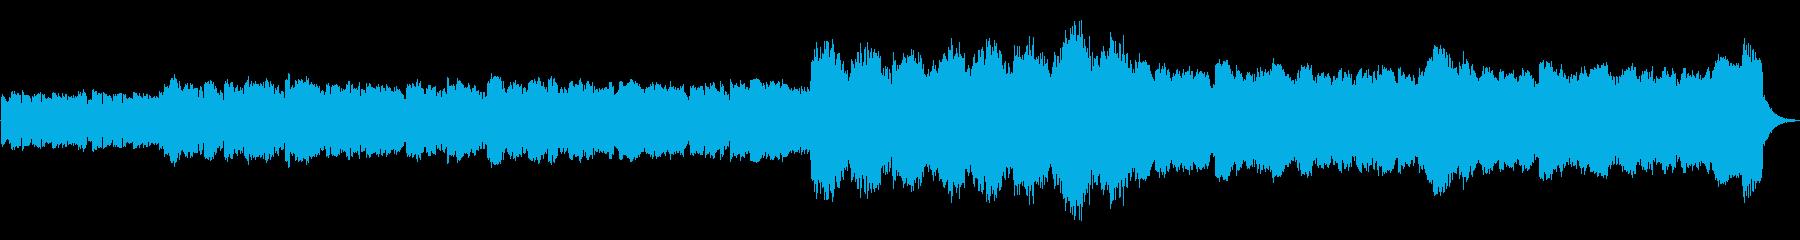 オカリナ三重奏ほのぼのとした雪の夜の感じの再生済みの波形